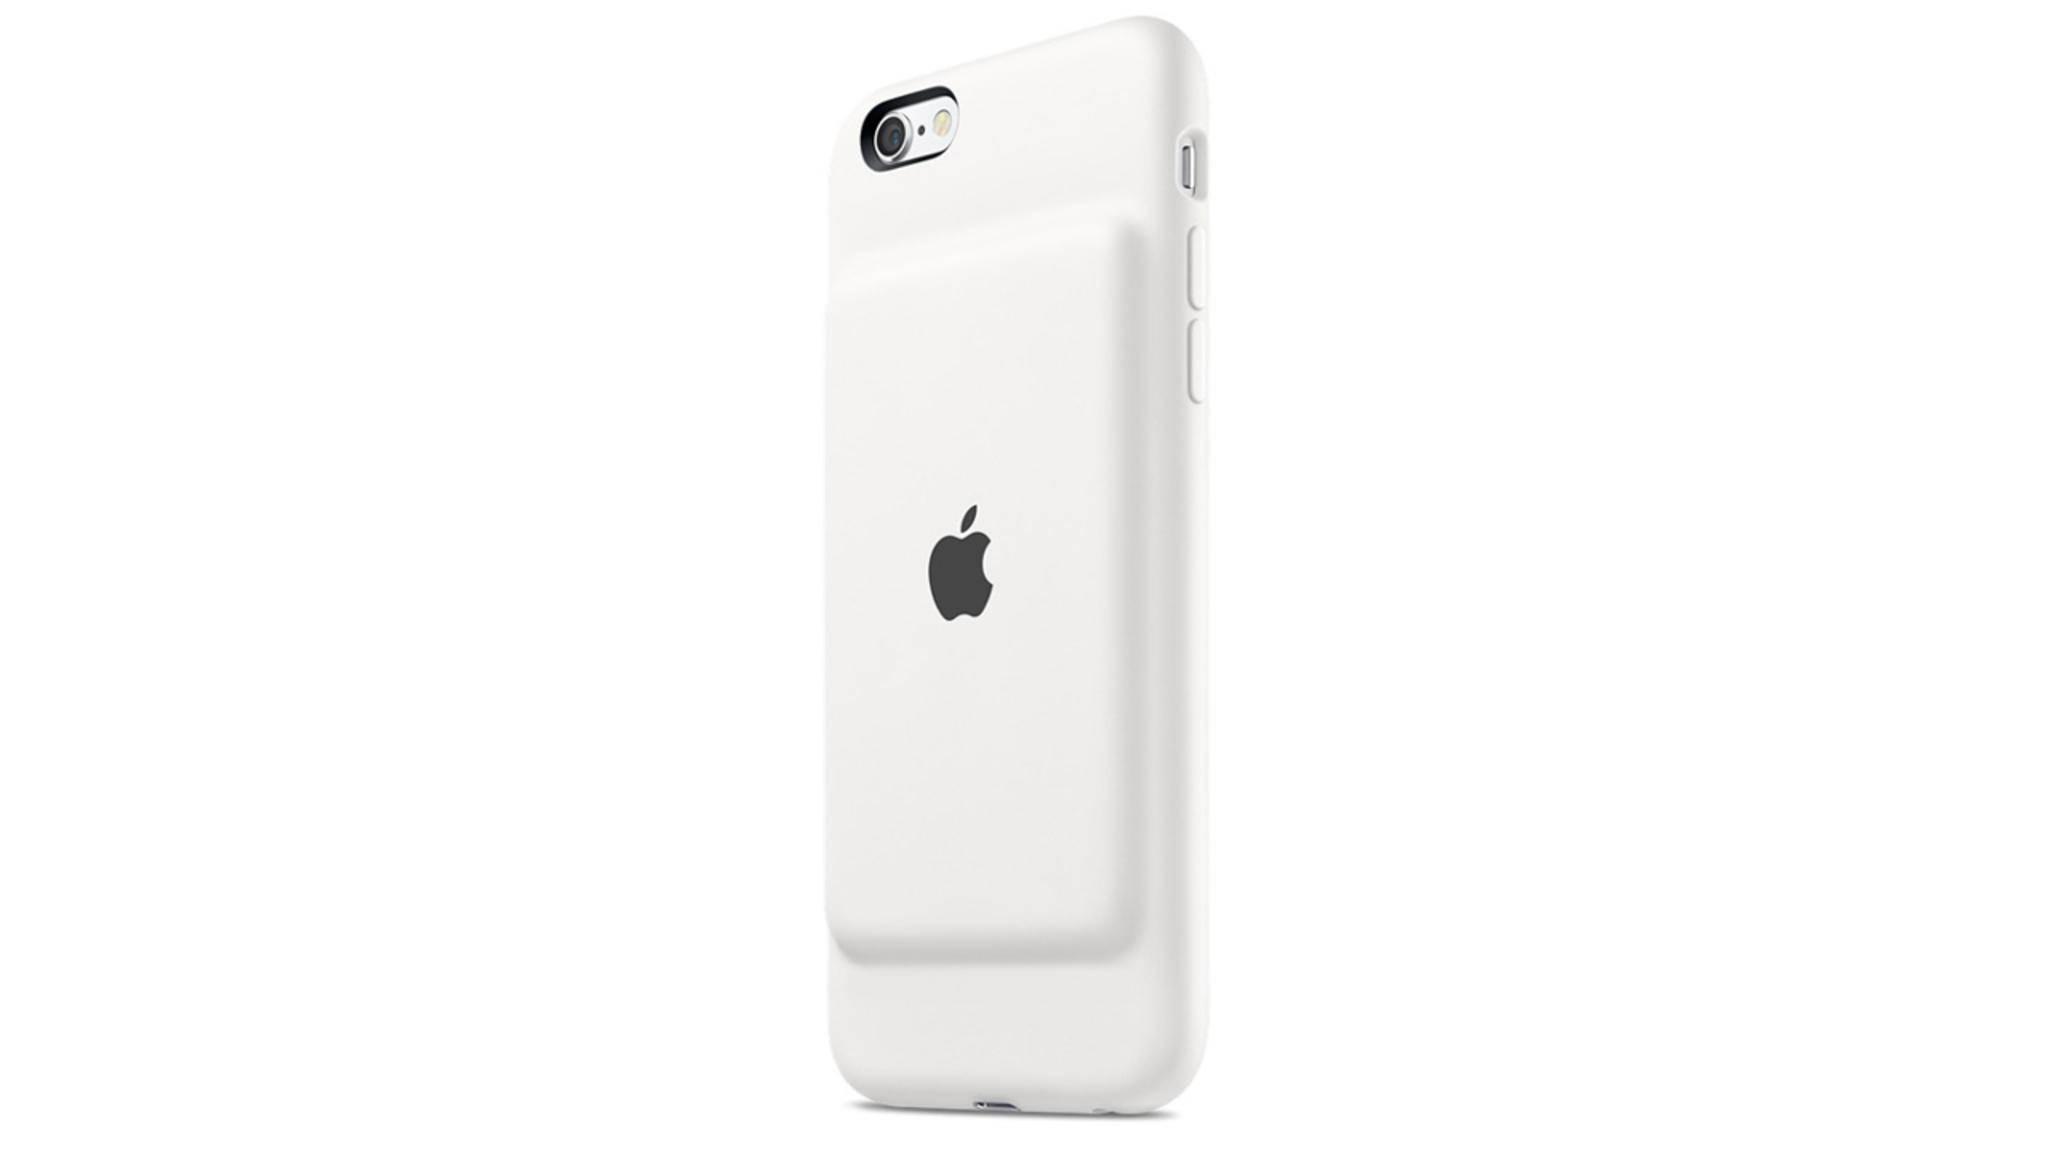 So sieht das alte Smart Battery Case für das iPhone 6s aus.